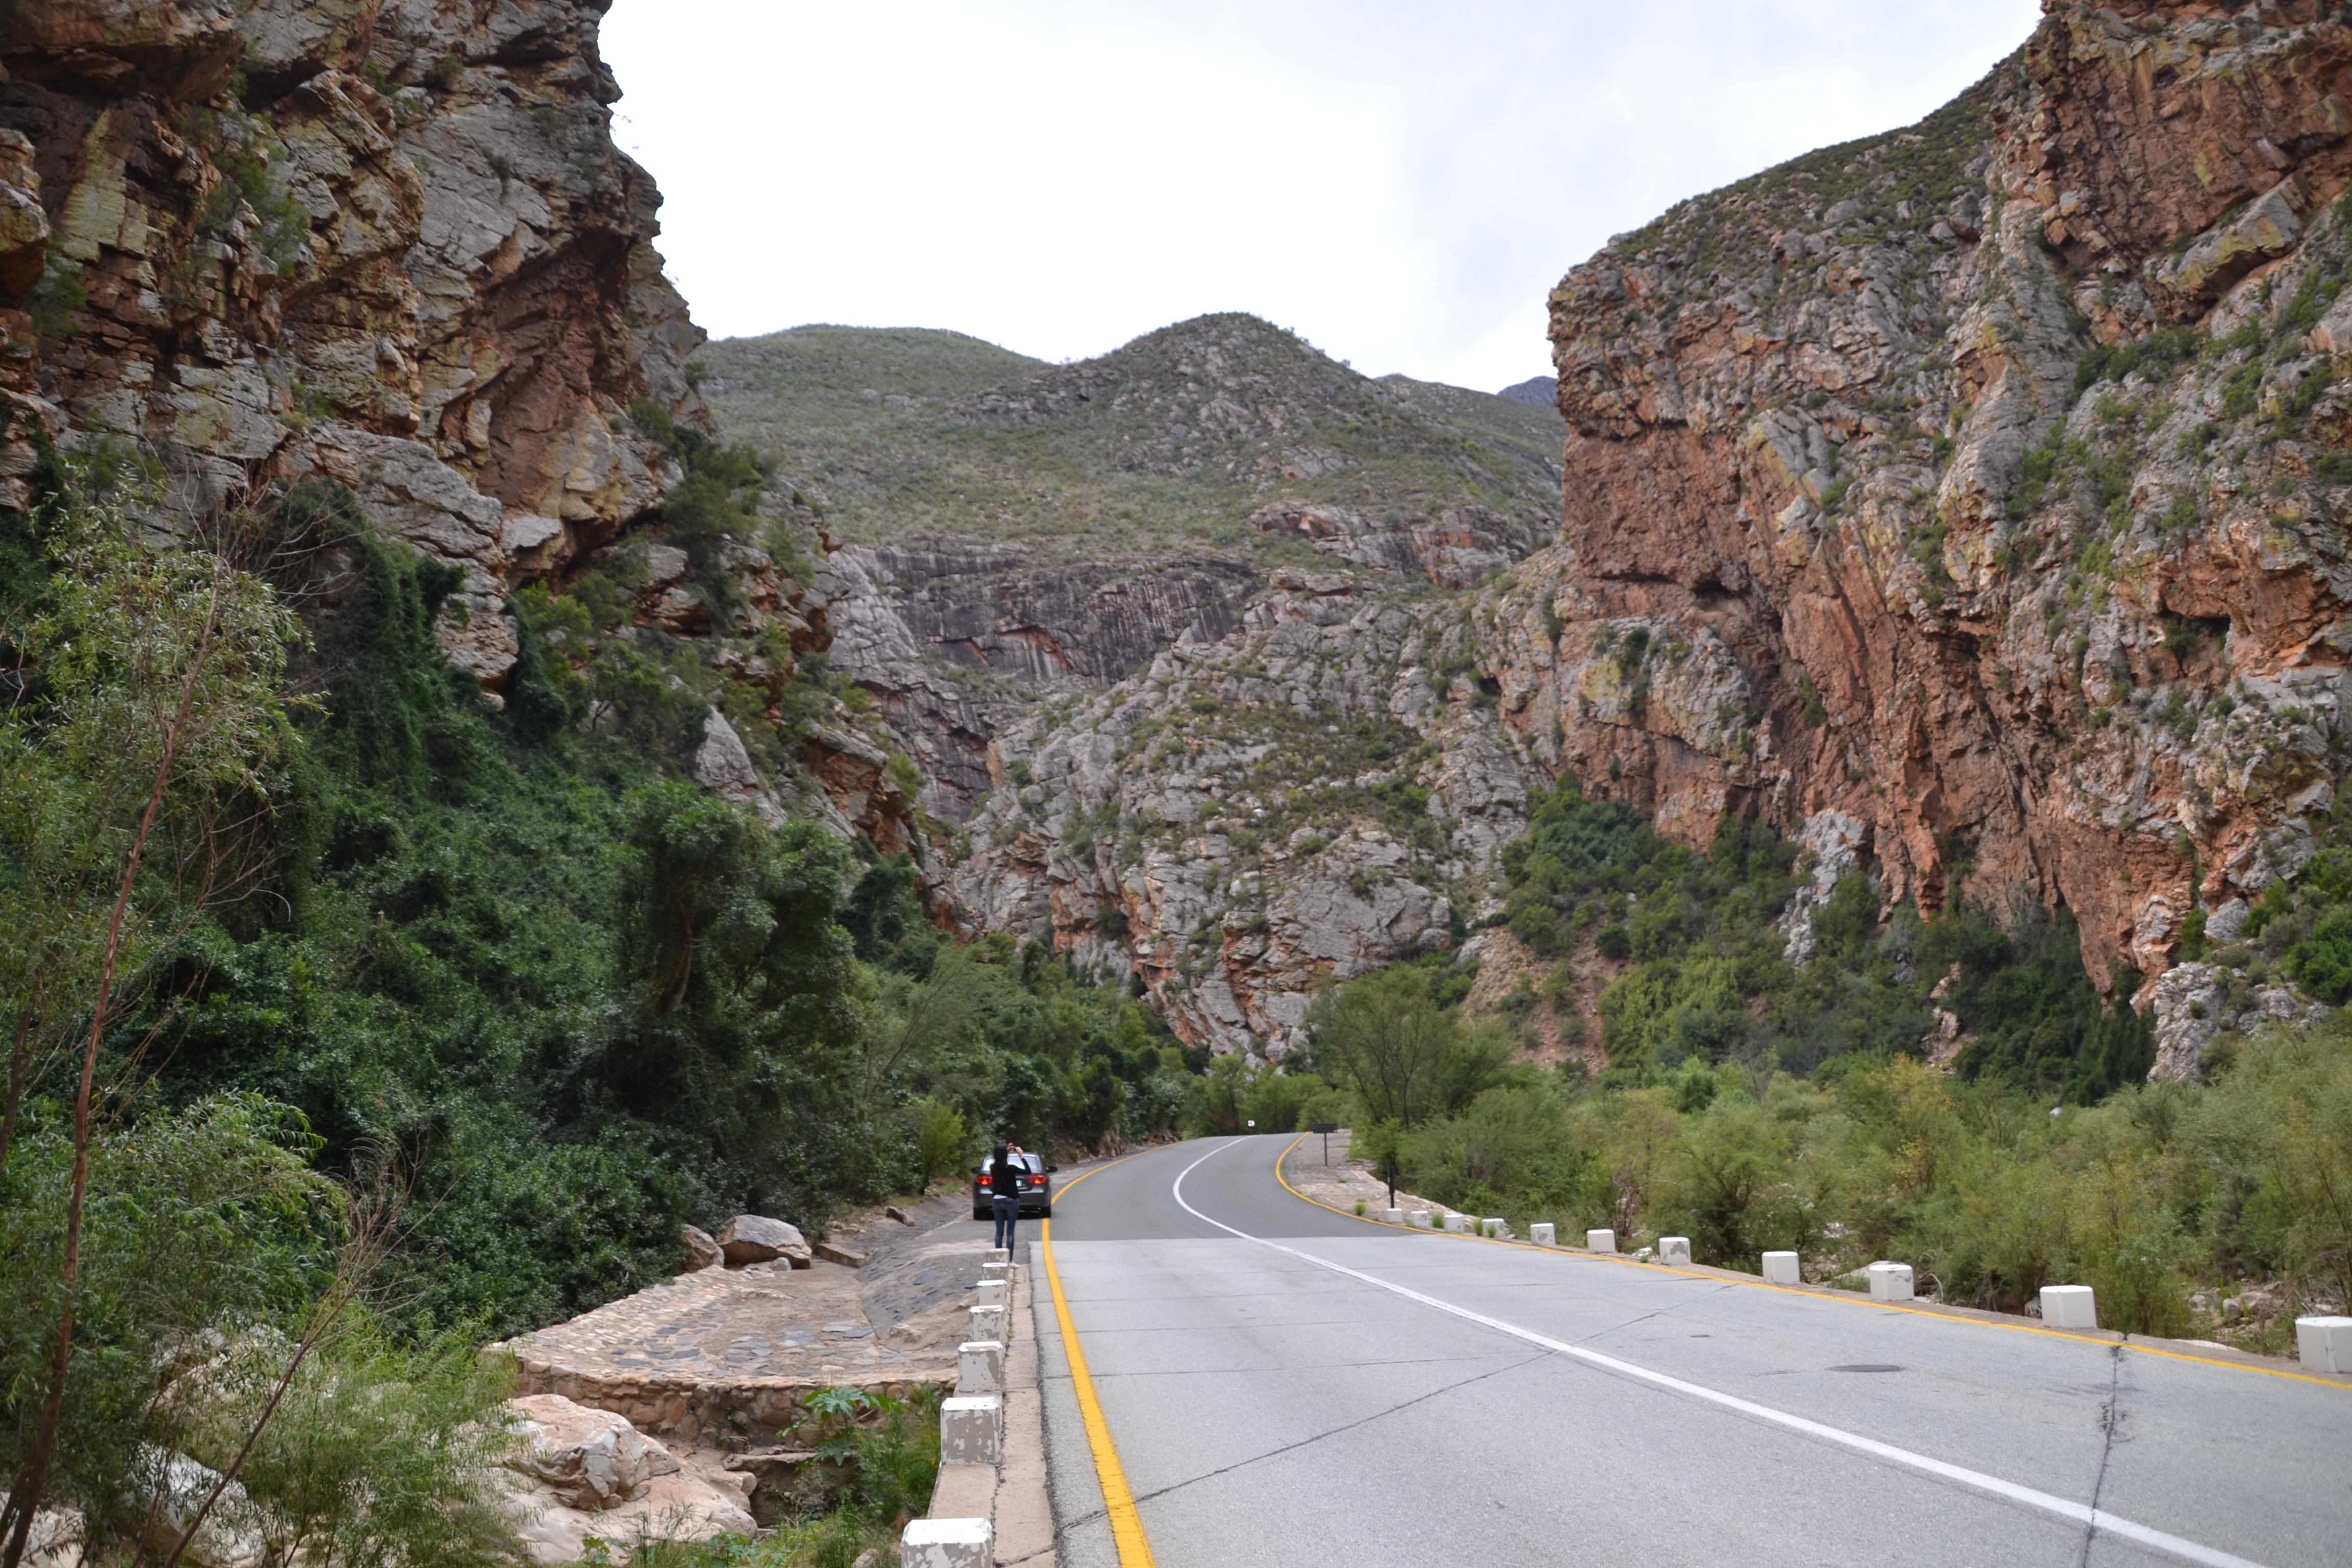 Une personne prend une photo des montagnes du Karoo depuis la route